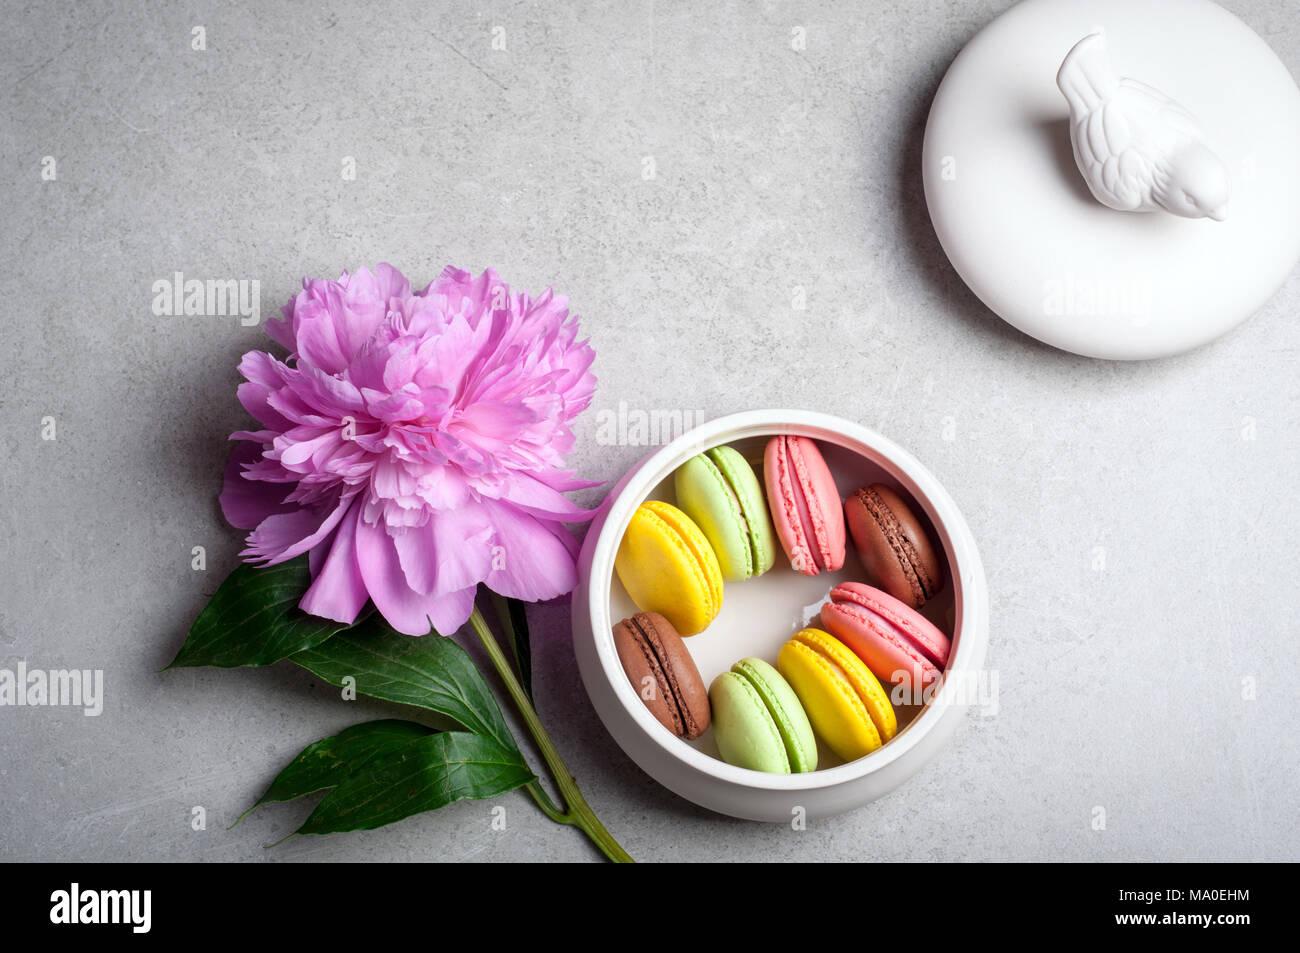 La pivoine, fleur de macarons sur fond gris. Joyeux anniversaire, annivarsary, valentine concept vacances Photo Stock